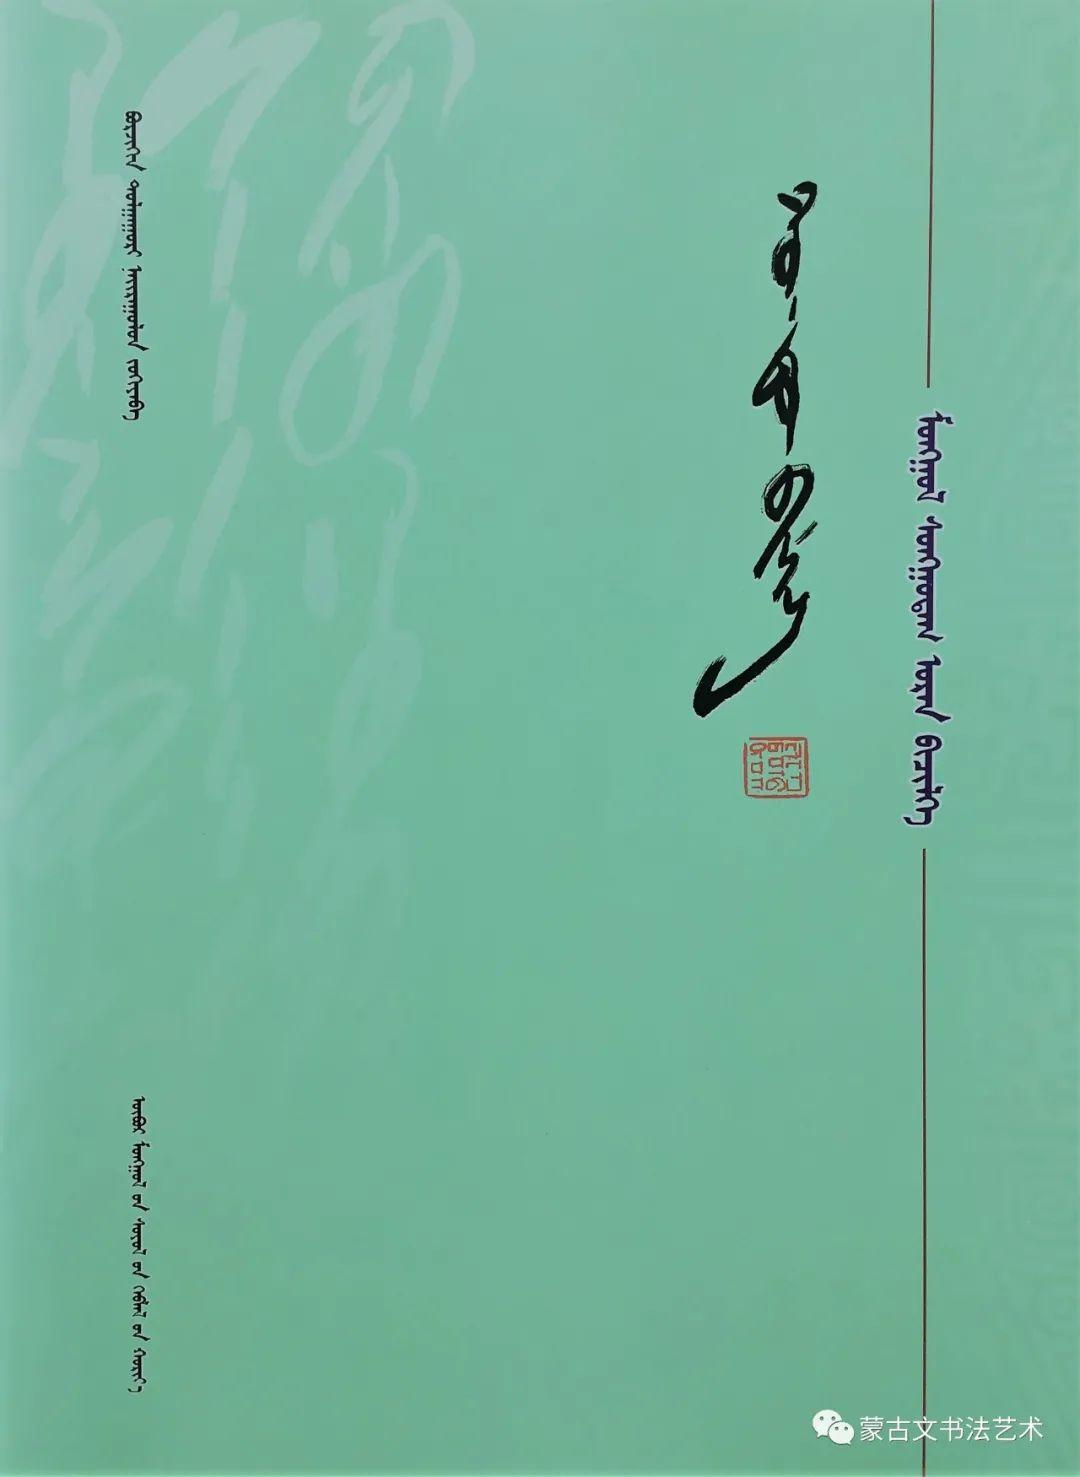 包宝柱《蒙古文经典书法》 第12张 包宝柱《蒙古文经典书法》 蒙古书法